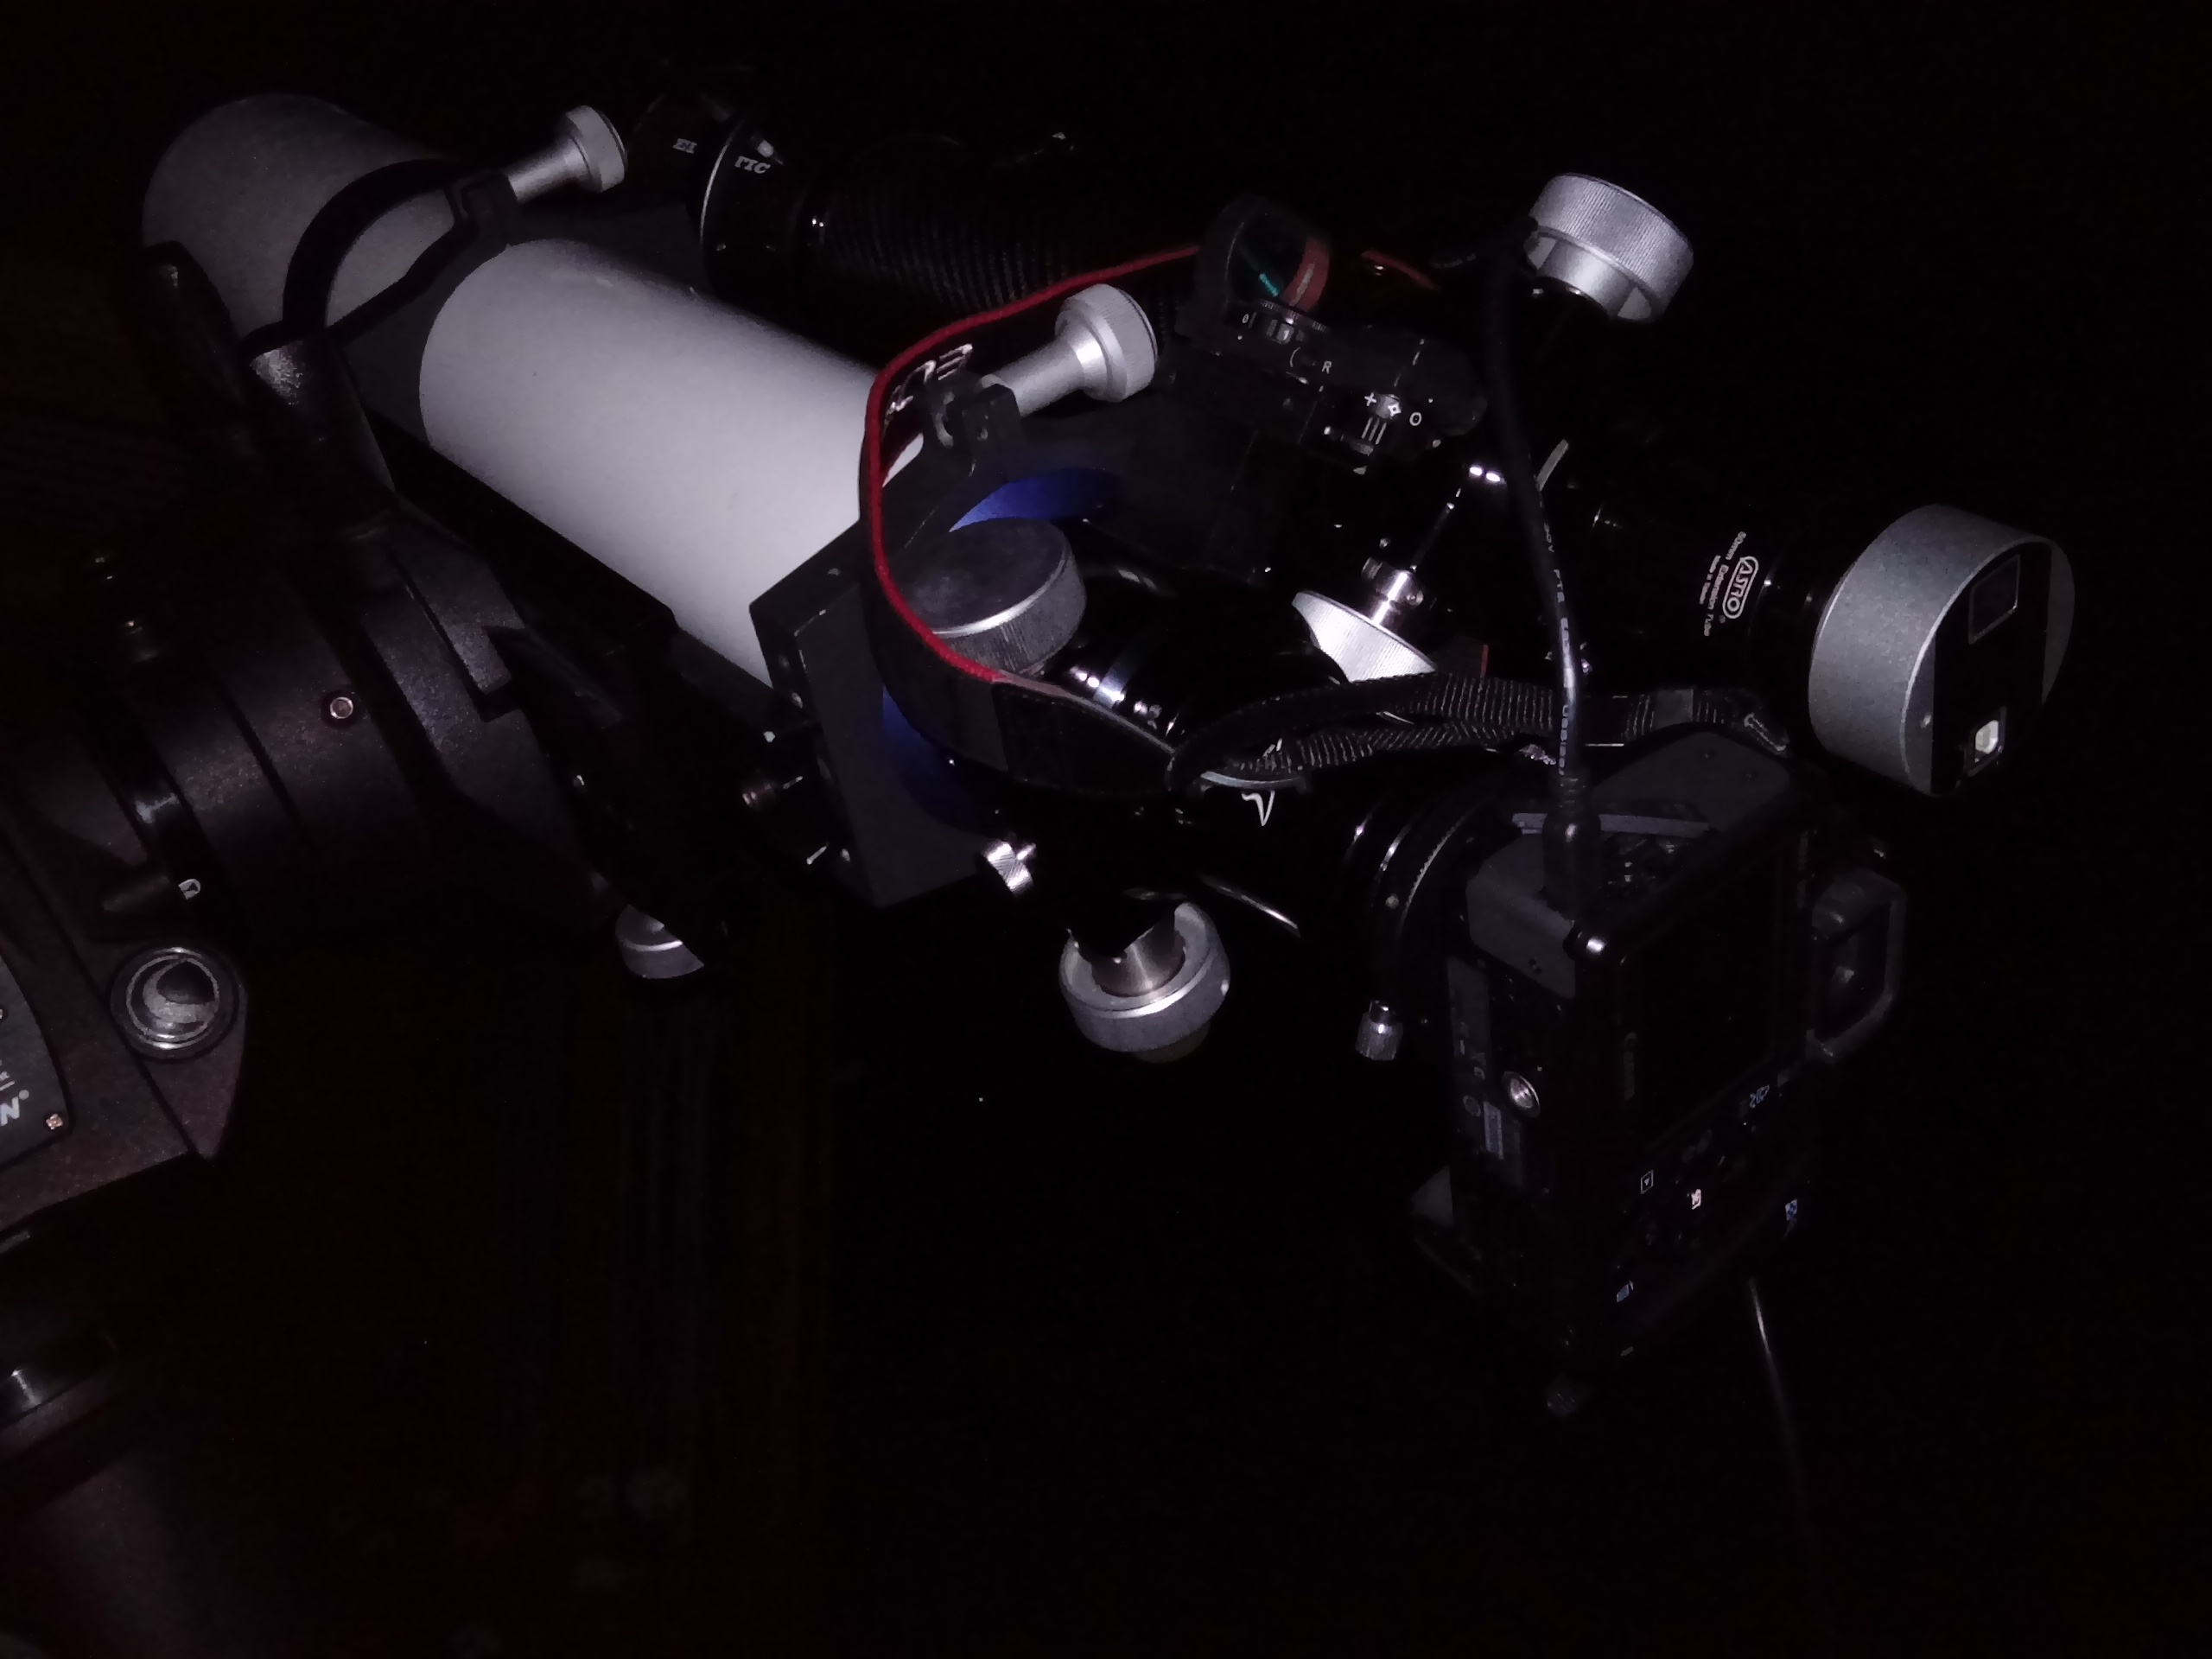 Det går snabbt att polinställa och komma i astrofotoläge. Celestron CGEM DX-monteringen uppsatt och utrullad